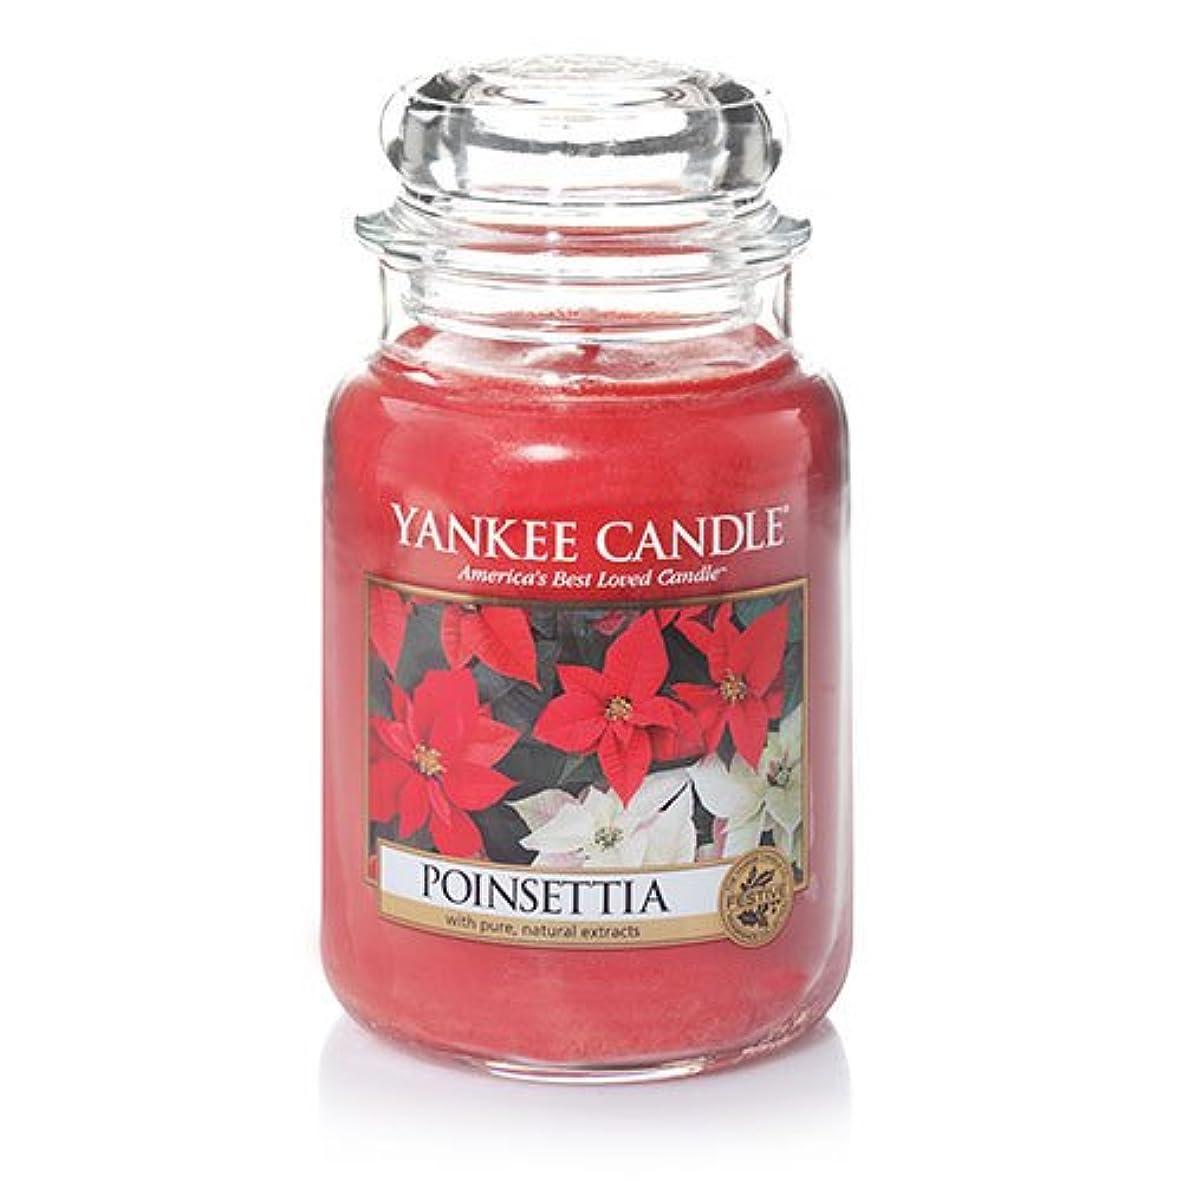 予言するマークダウン再生YankeeキャンドルポインセチアLarge Jar Candle、新鮮な香り